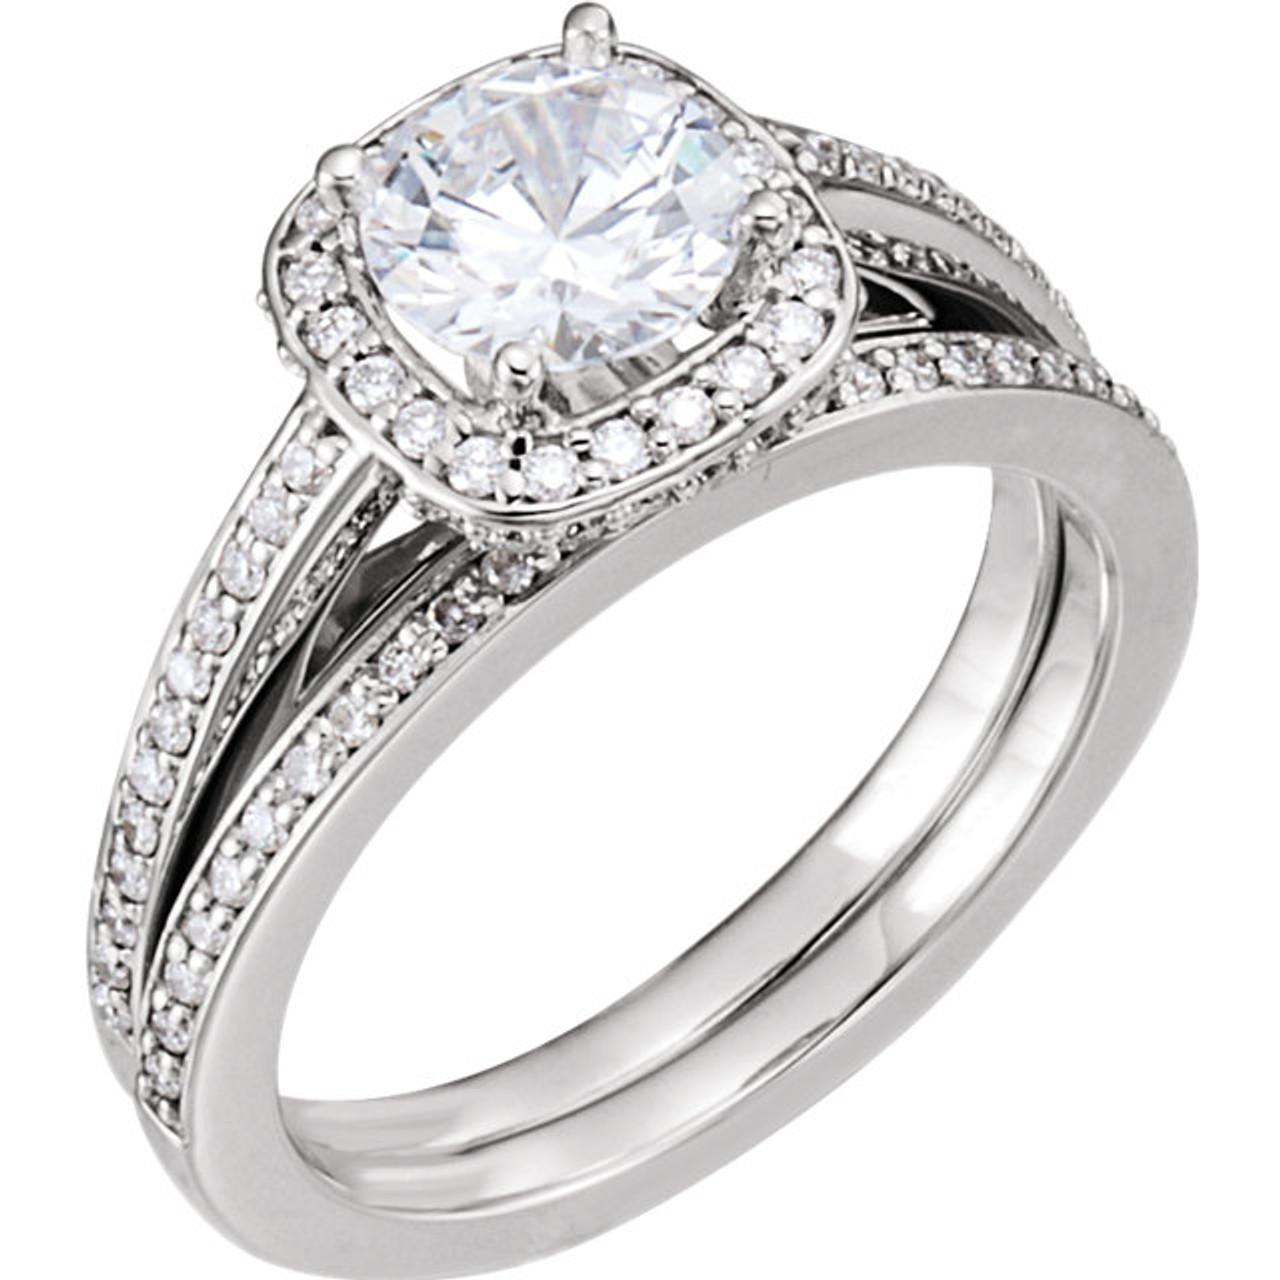 1 3 8ct Diamond Cushion Halo Engagement Wedding Ring Set 14k White Gold